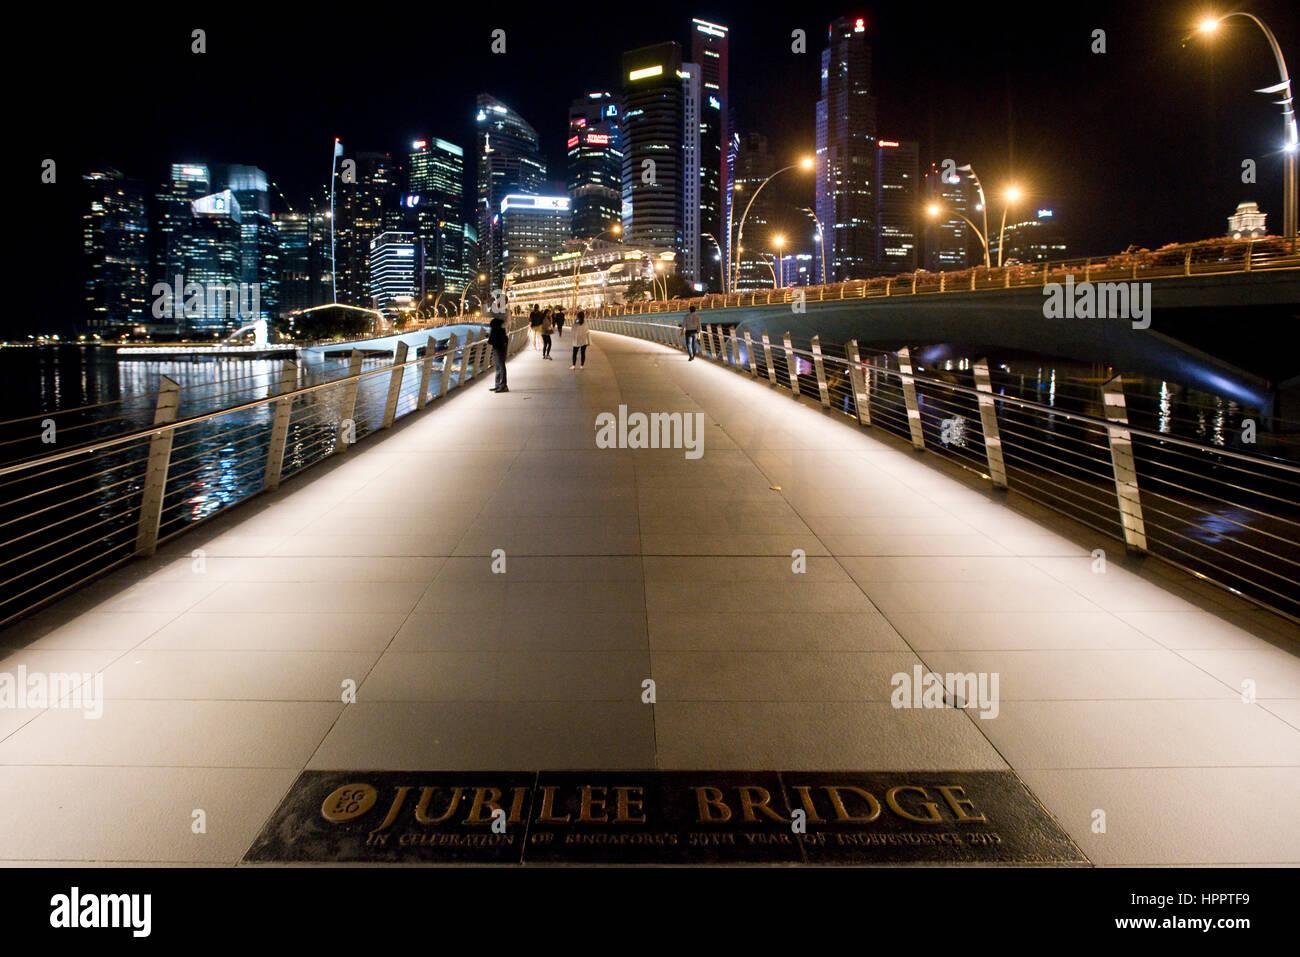 Scape Blick auf die Stadt mit der Jubilee Bridge-Foregroumd und dem Central Business District-Hintergrund in Marina Stockbild